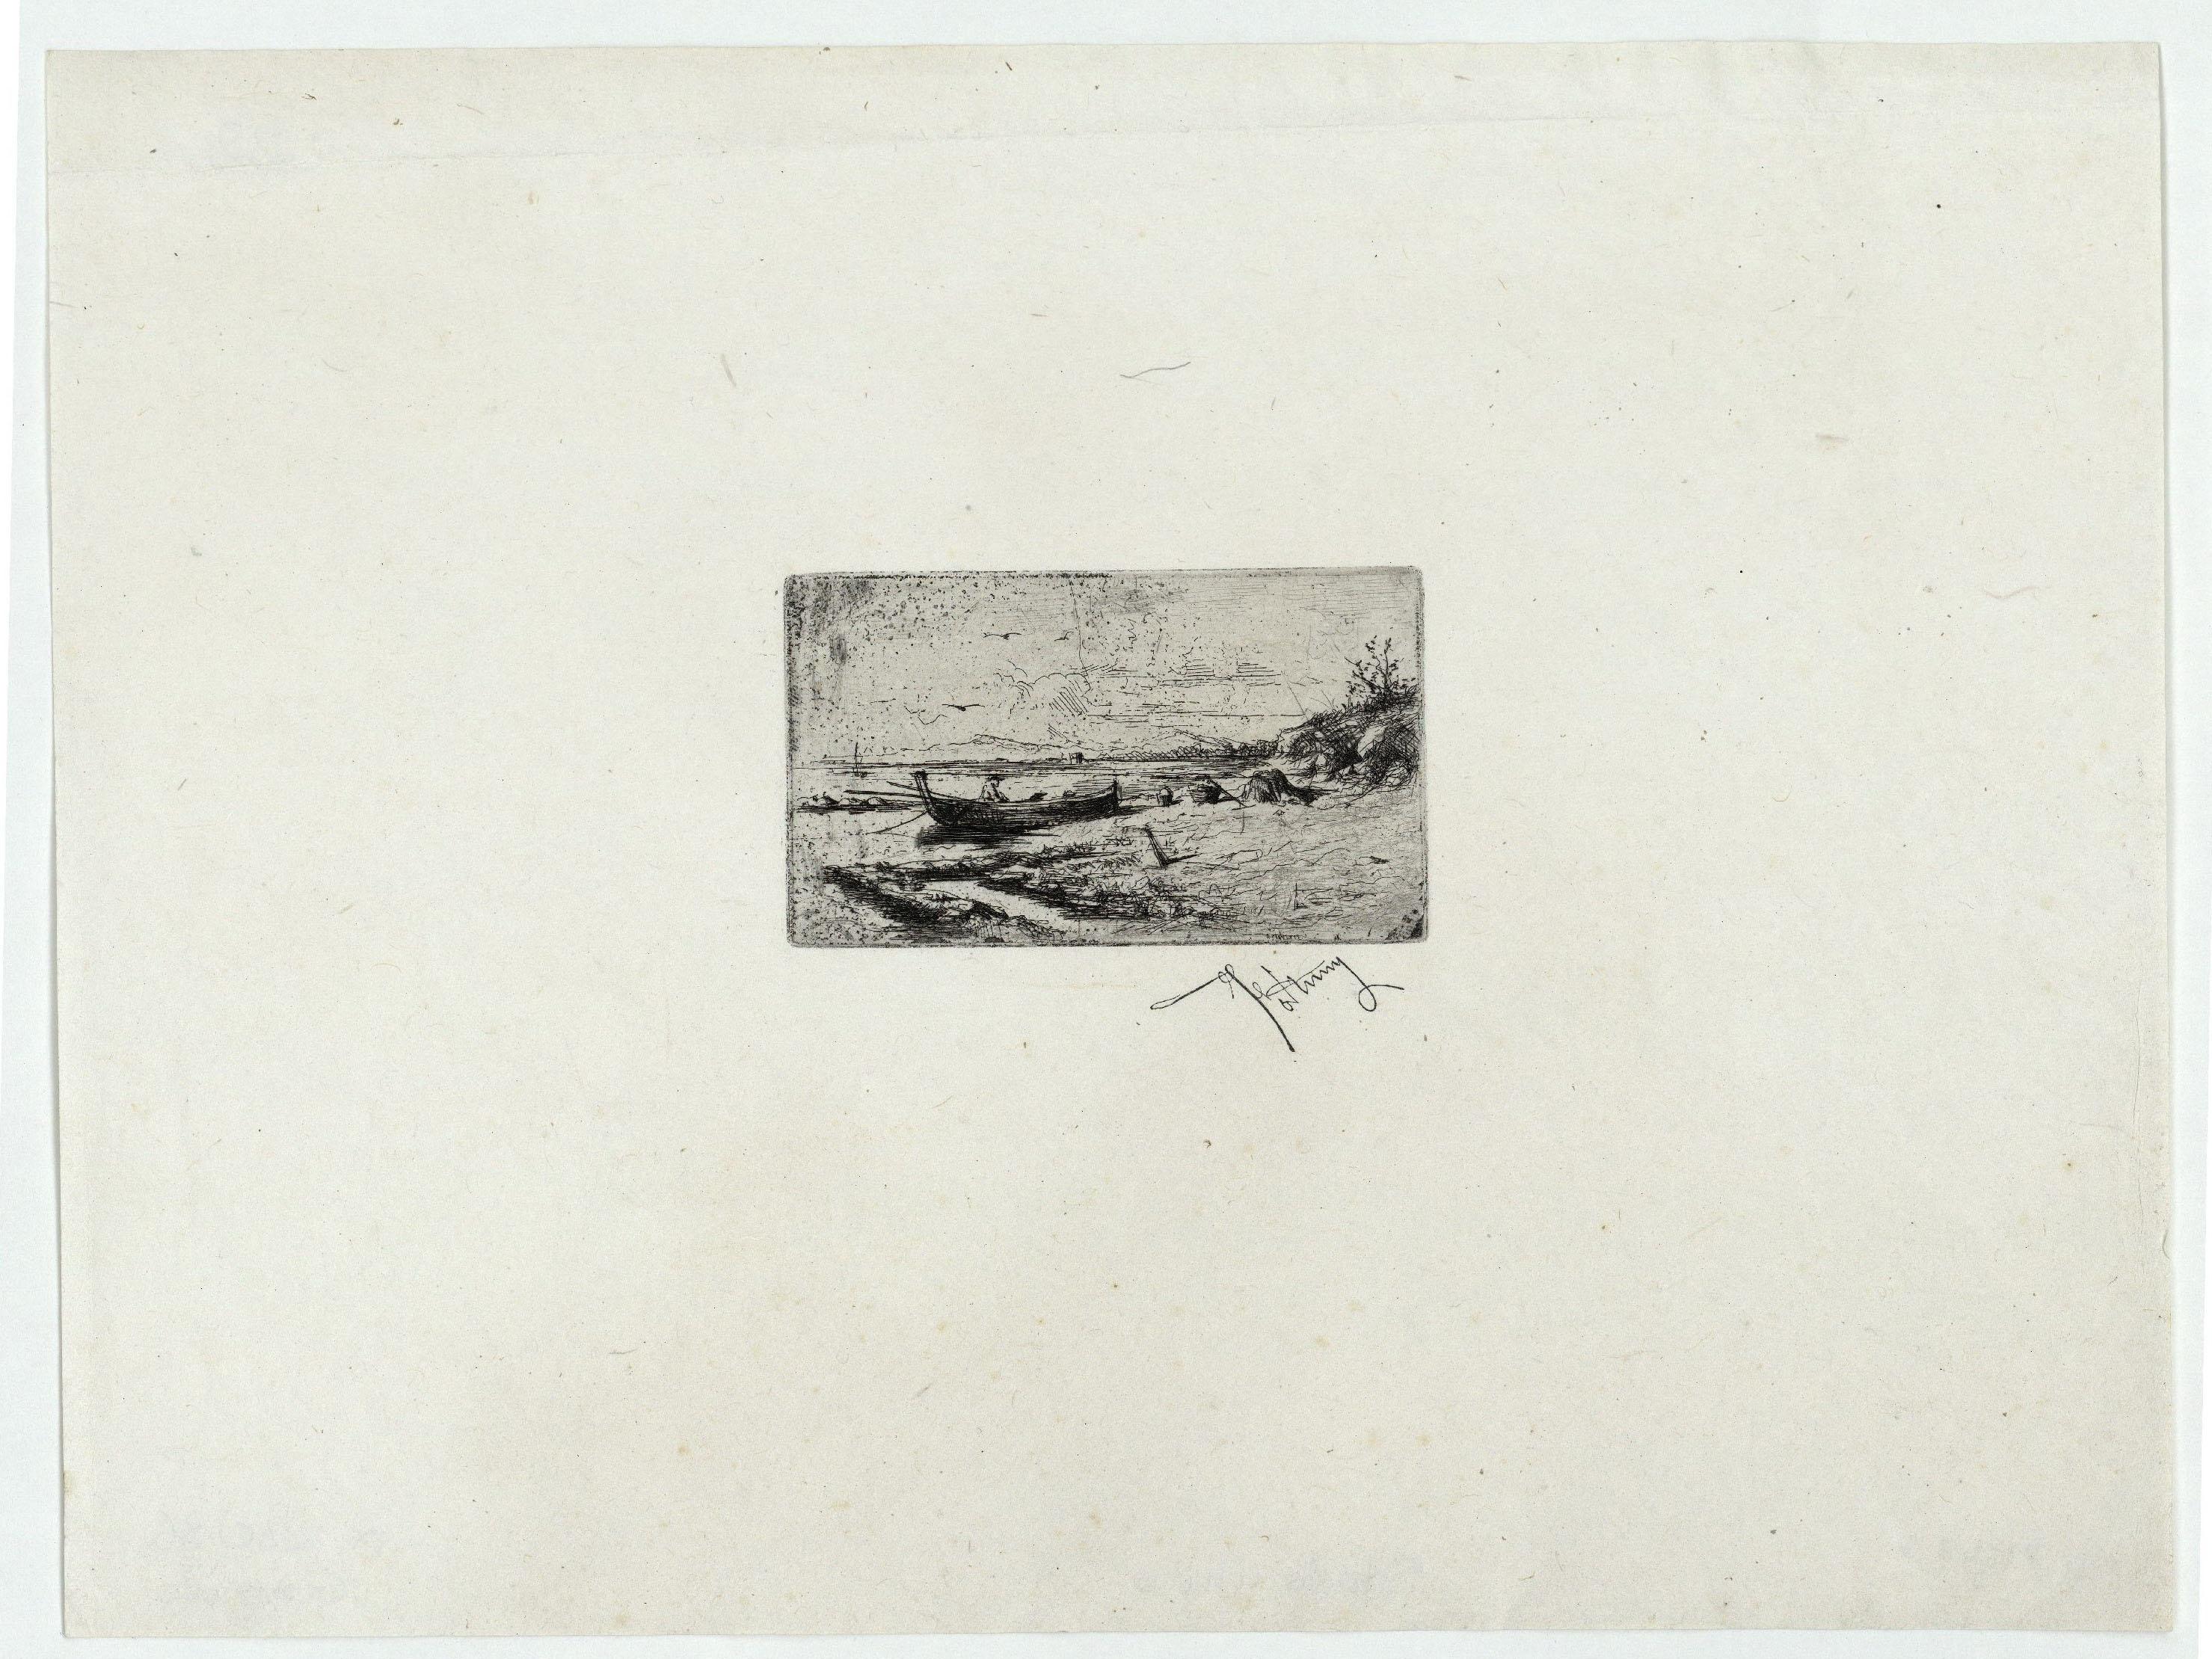 Marià Fortuny - Barca a la platja - [no-dating]